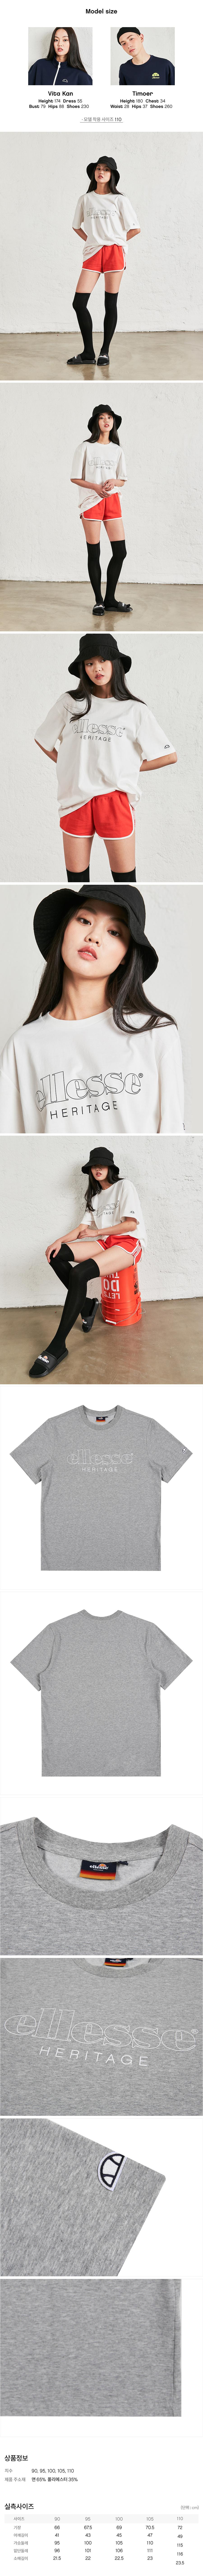 엘레쎄(ELLESSE) 엘레쎄 아웃라인 로고 반팔 티셔츠 (멜란지그레이)EJ2UHTR331